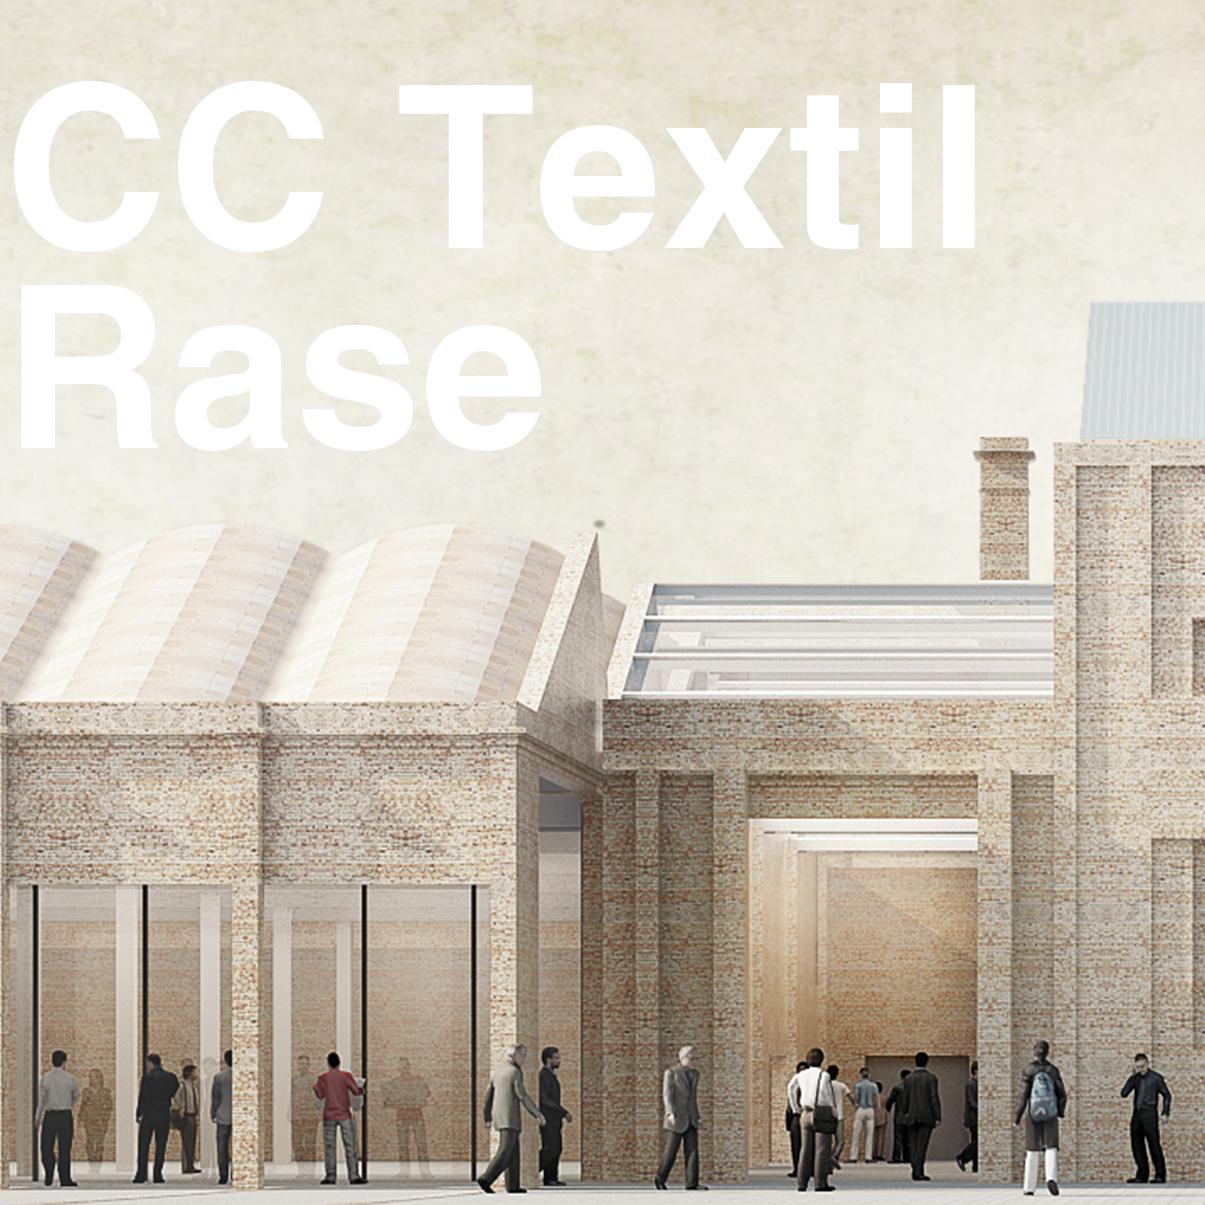 Fem arquitectura centro cultural textil rase - Fem arquitectura ...